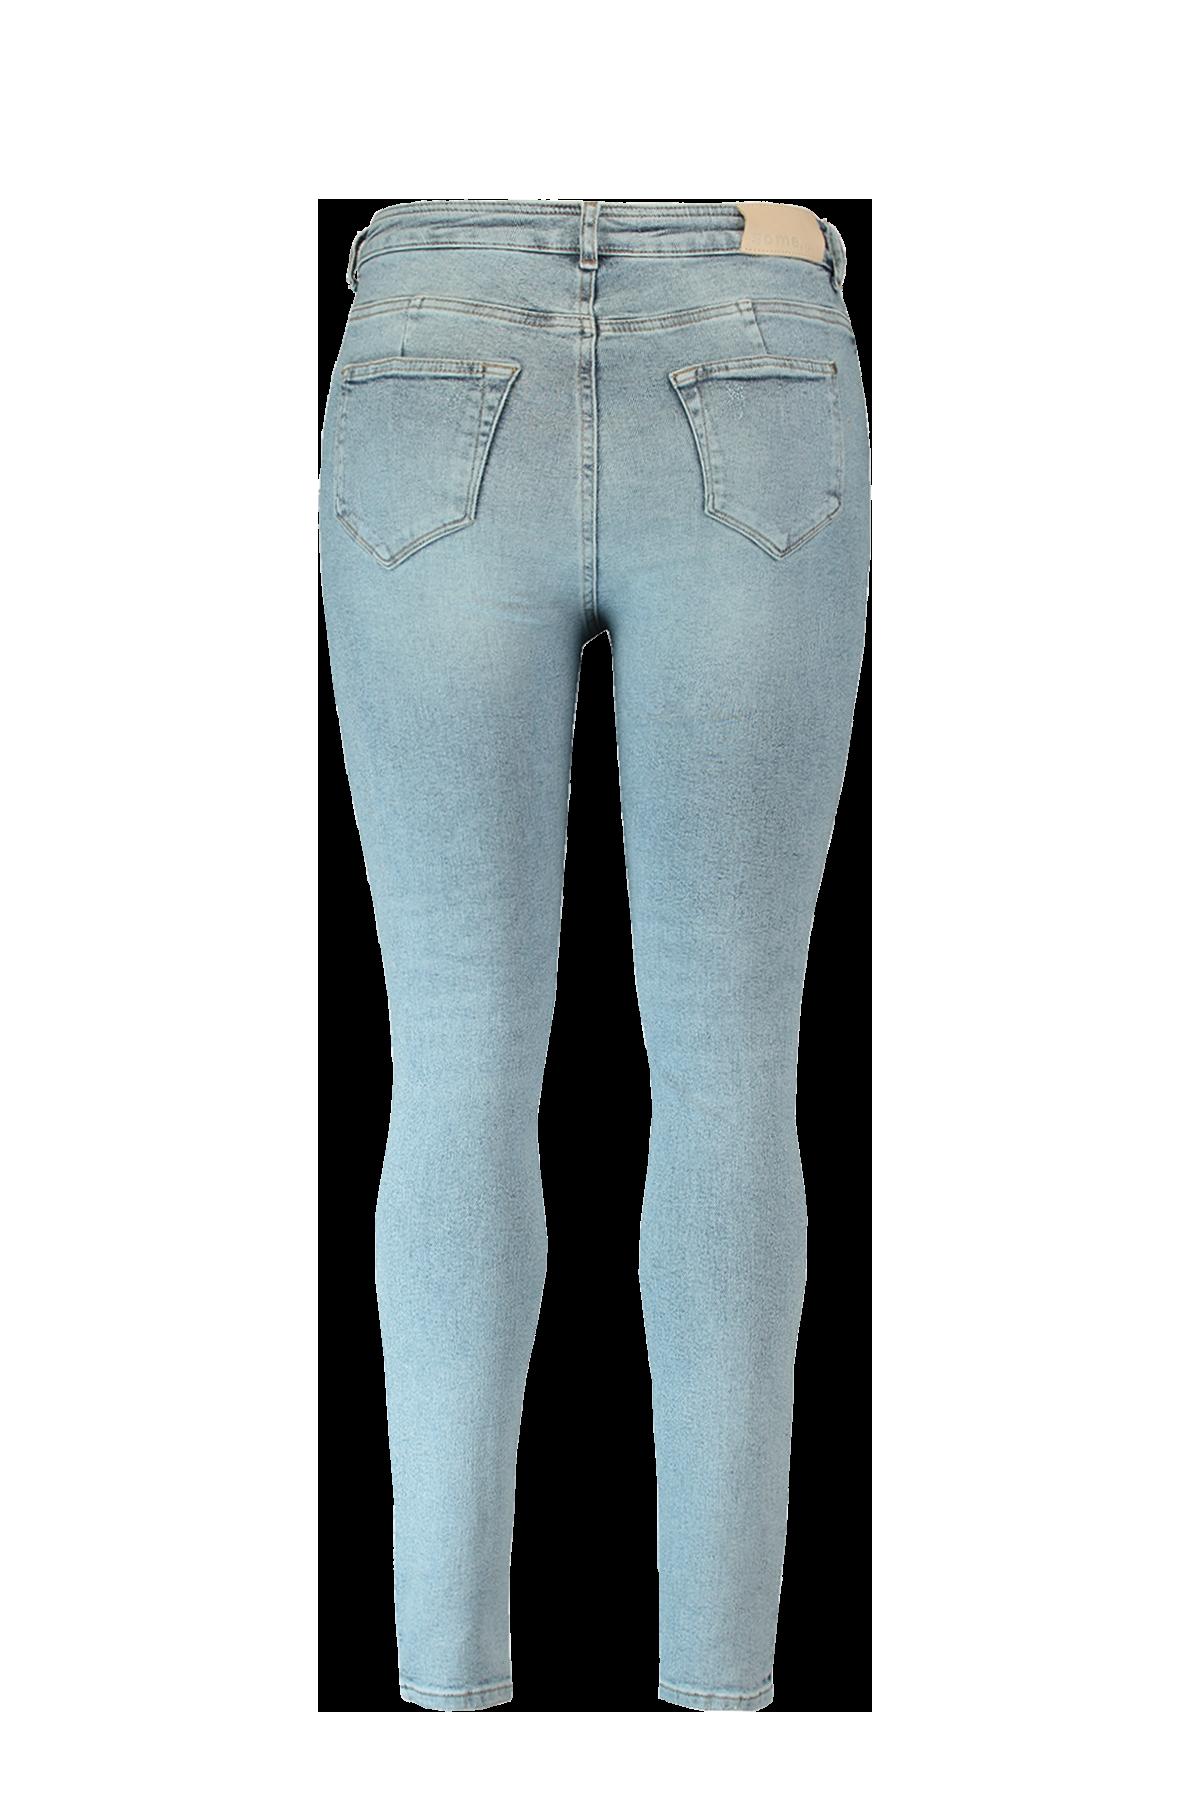 A Fit Jeans gebleicht mit hohem Bund